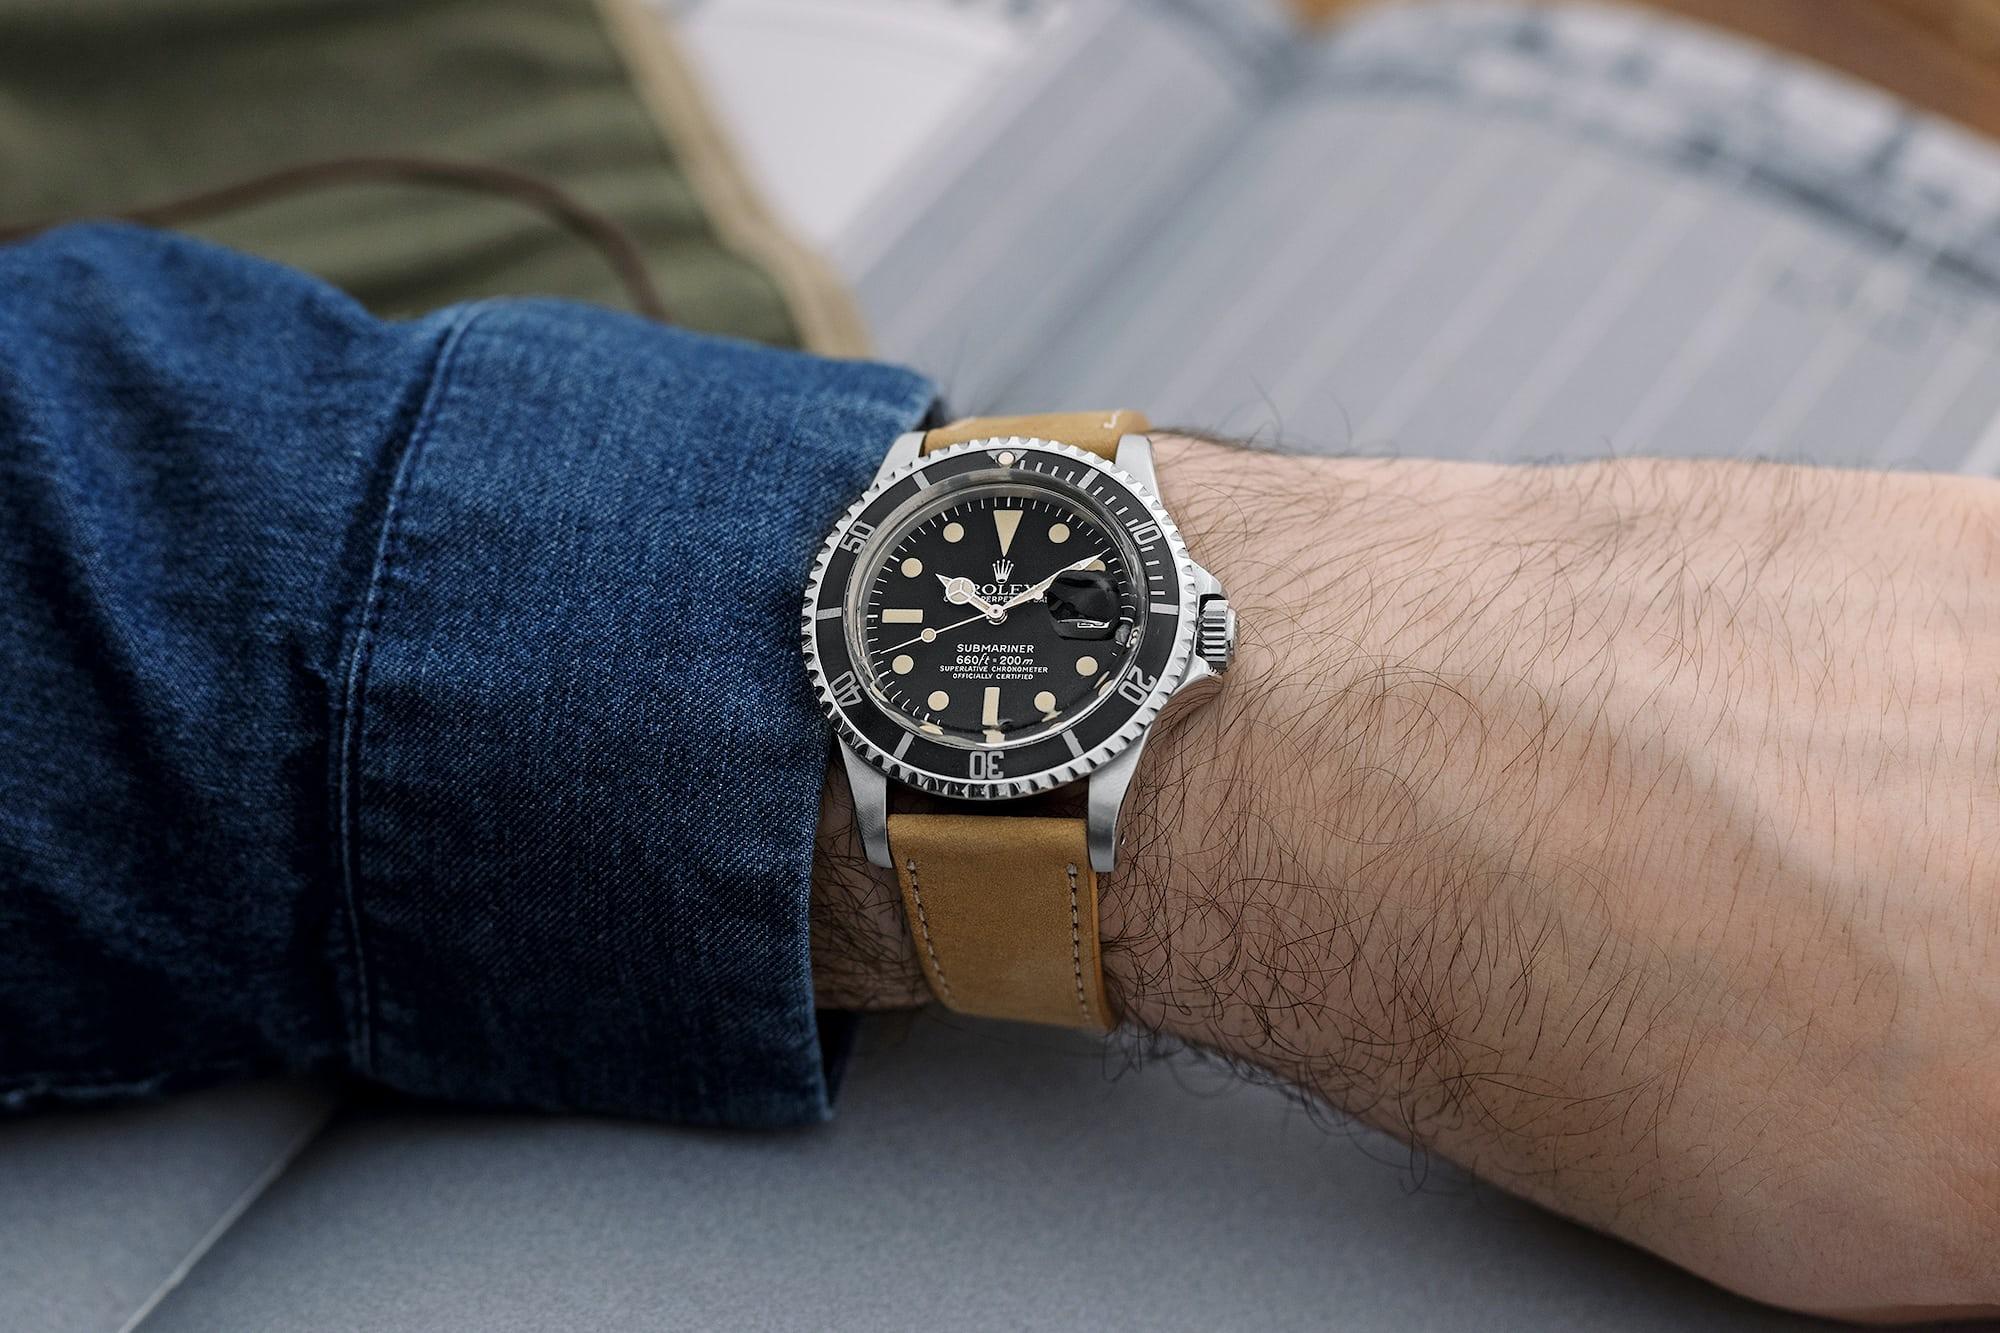 """<p><a href=""""https://shop.hodinkee.com/products/2516-rolex-submariner-1680-white"""" rel=""""noopener"""" target=""""_blank""""><u>1978 Rolex Submariner Ref. 1680</u></a></p>"""